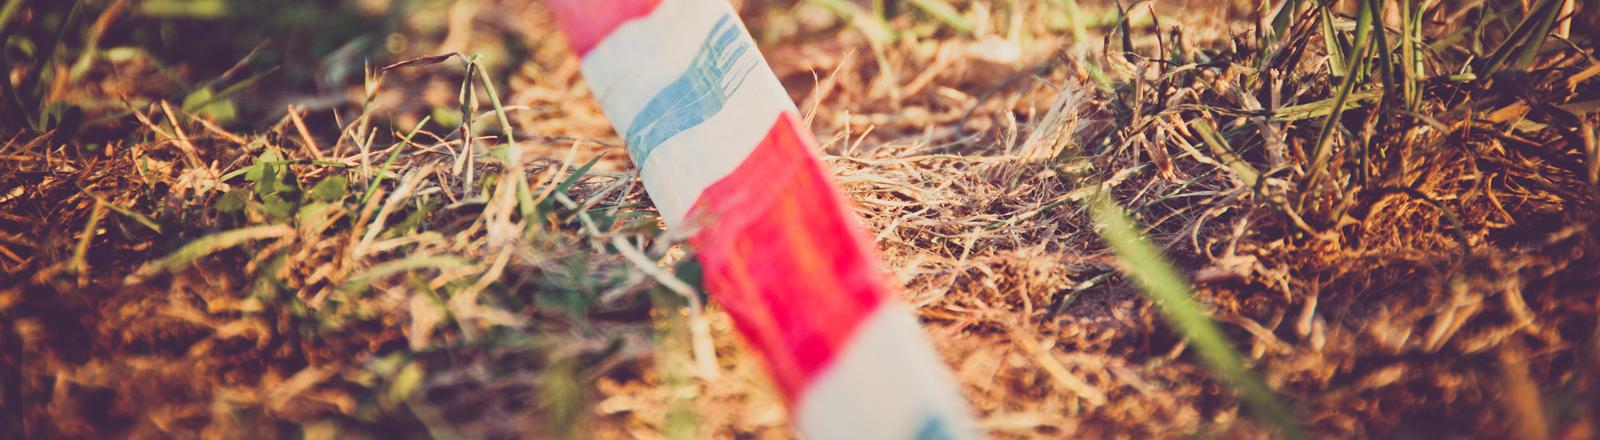 Absperrband auf dem Waldboden.